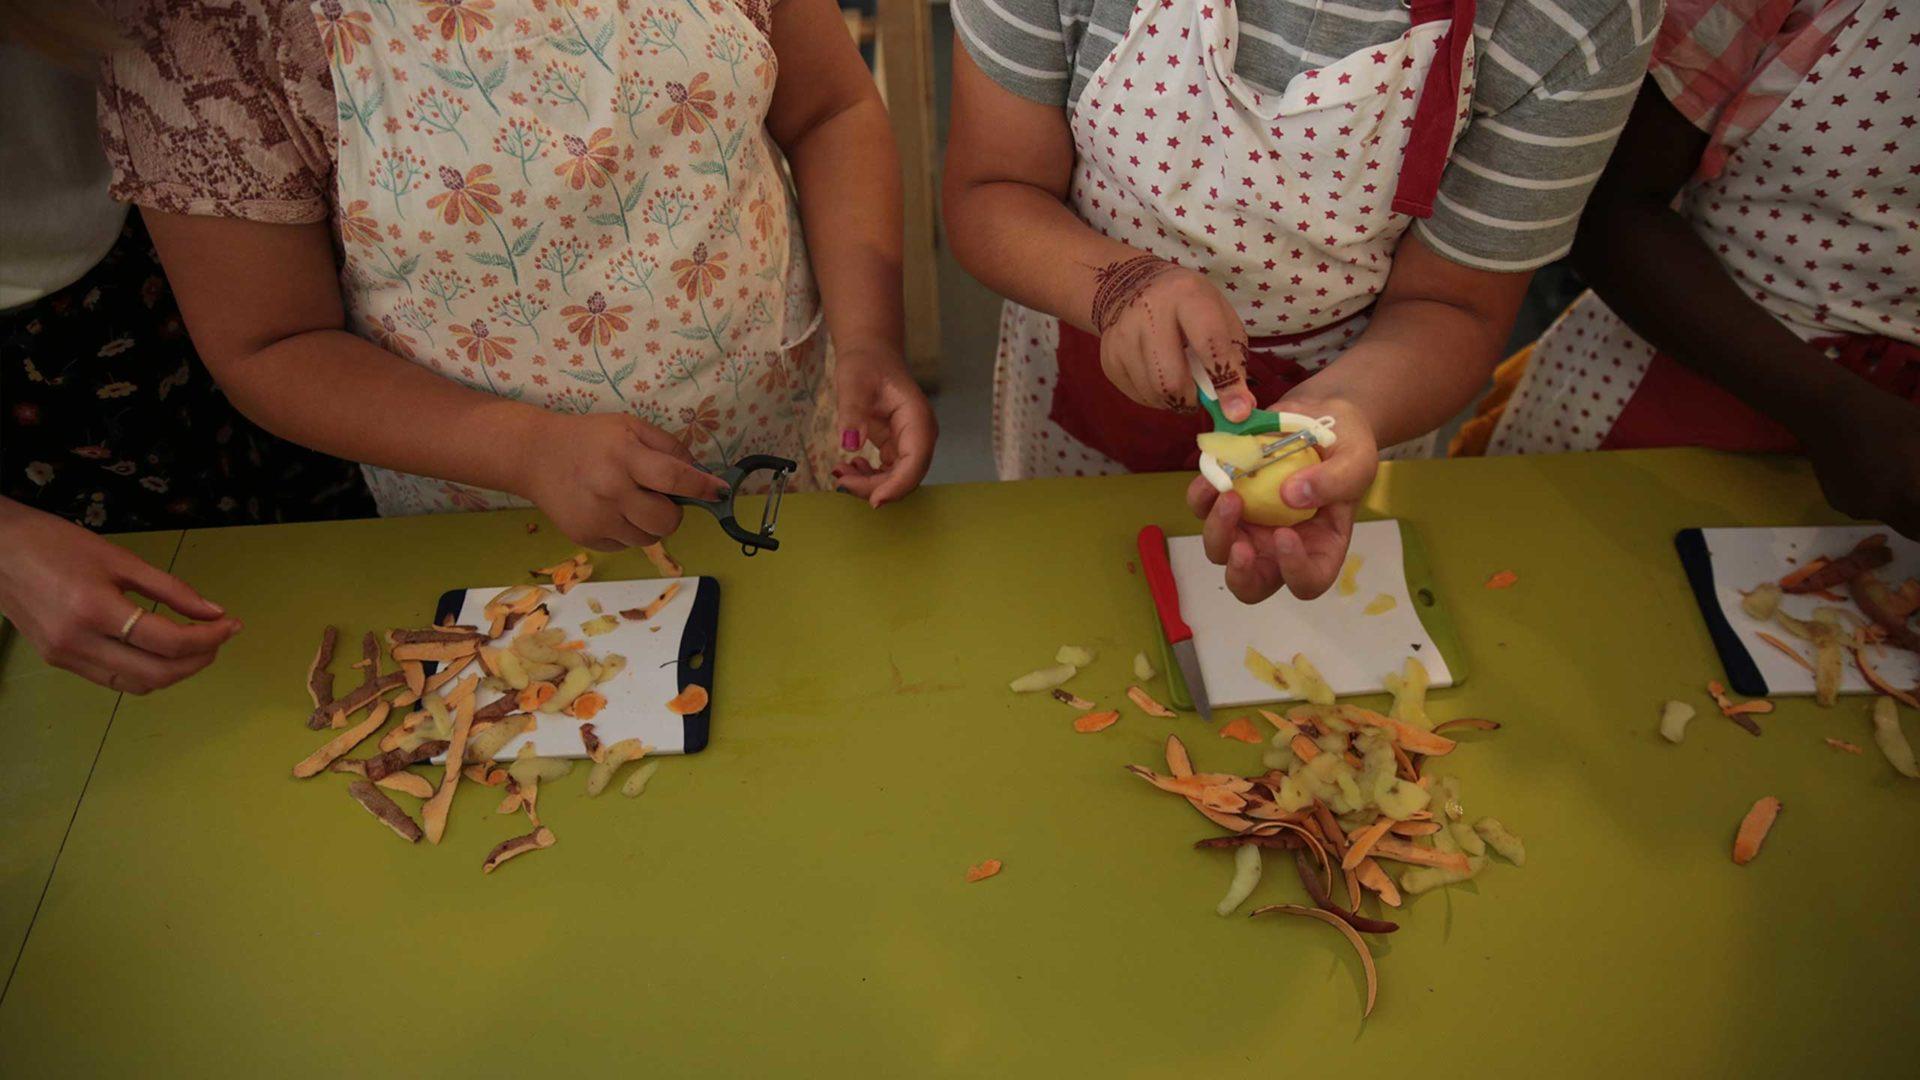 Es wird nciht nur gebacken sonder auch gekocht. Die Kids lernen wie man richtig Kartoffeln schält.